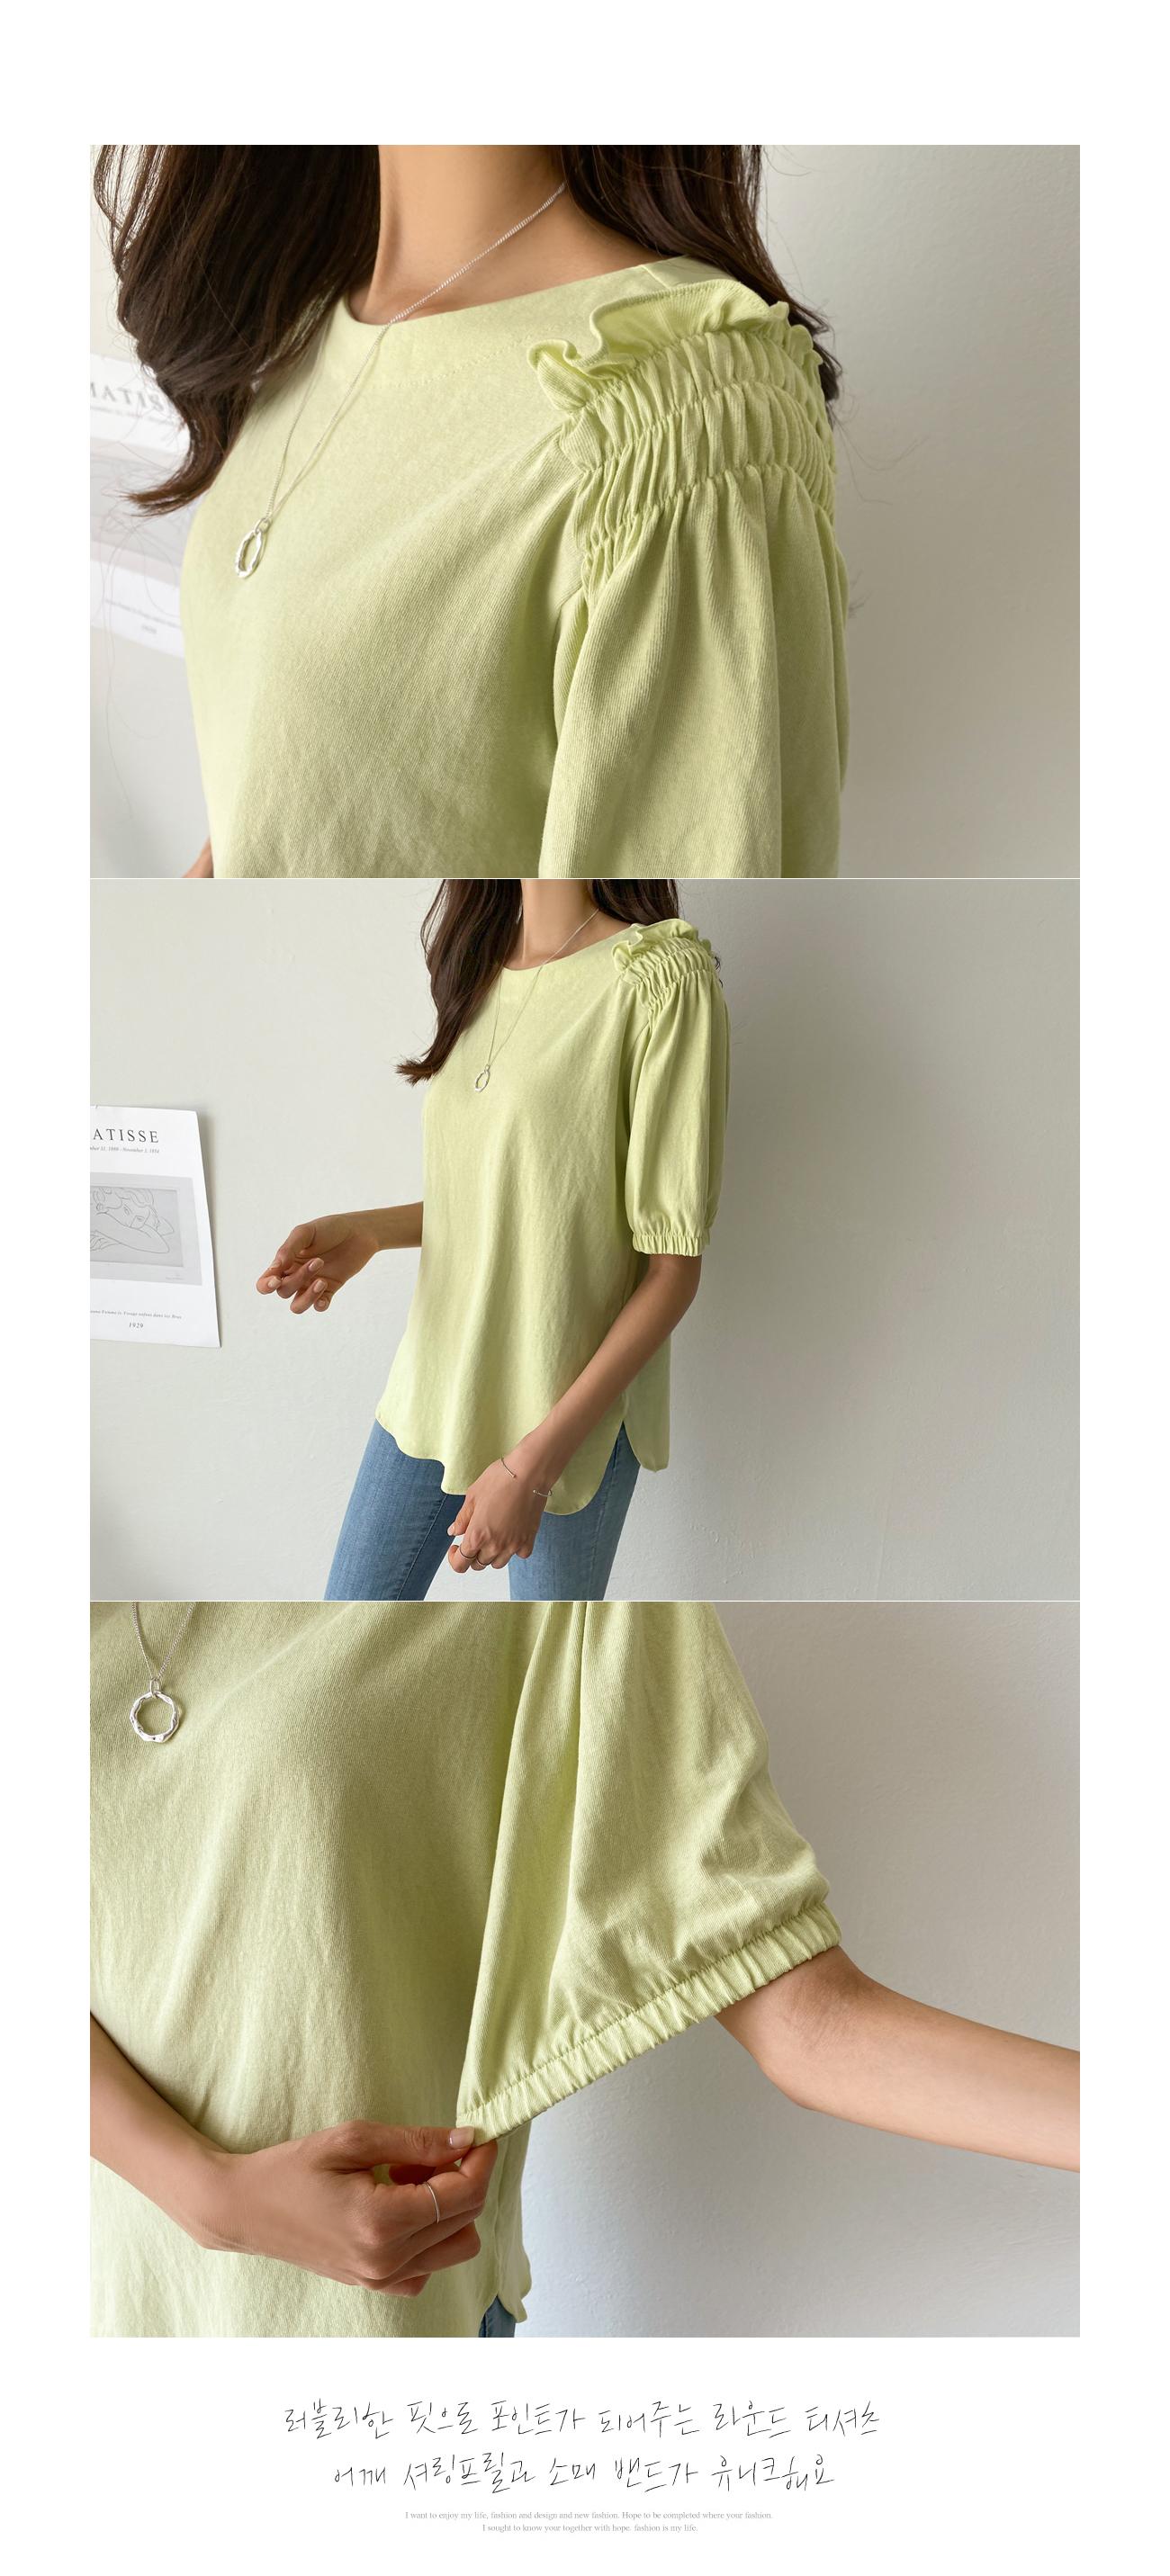 Round ruffled T-shirt #108307